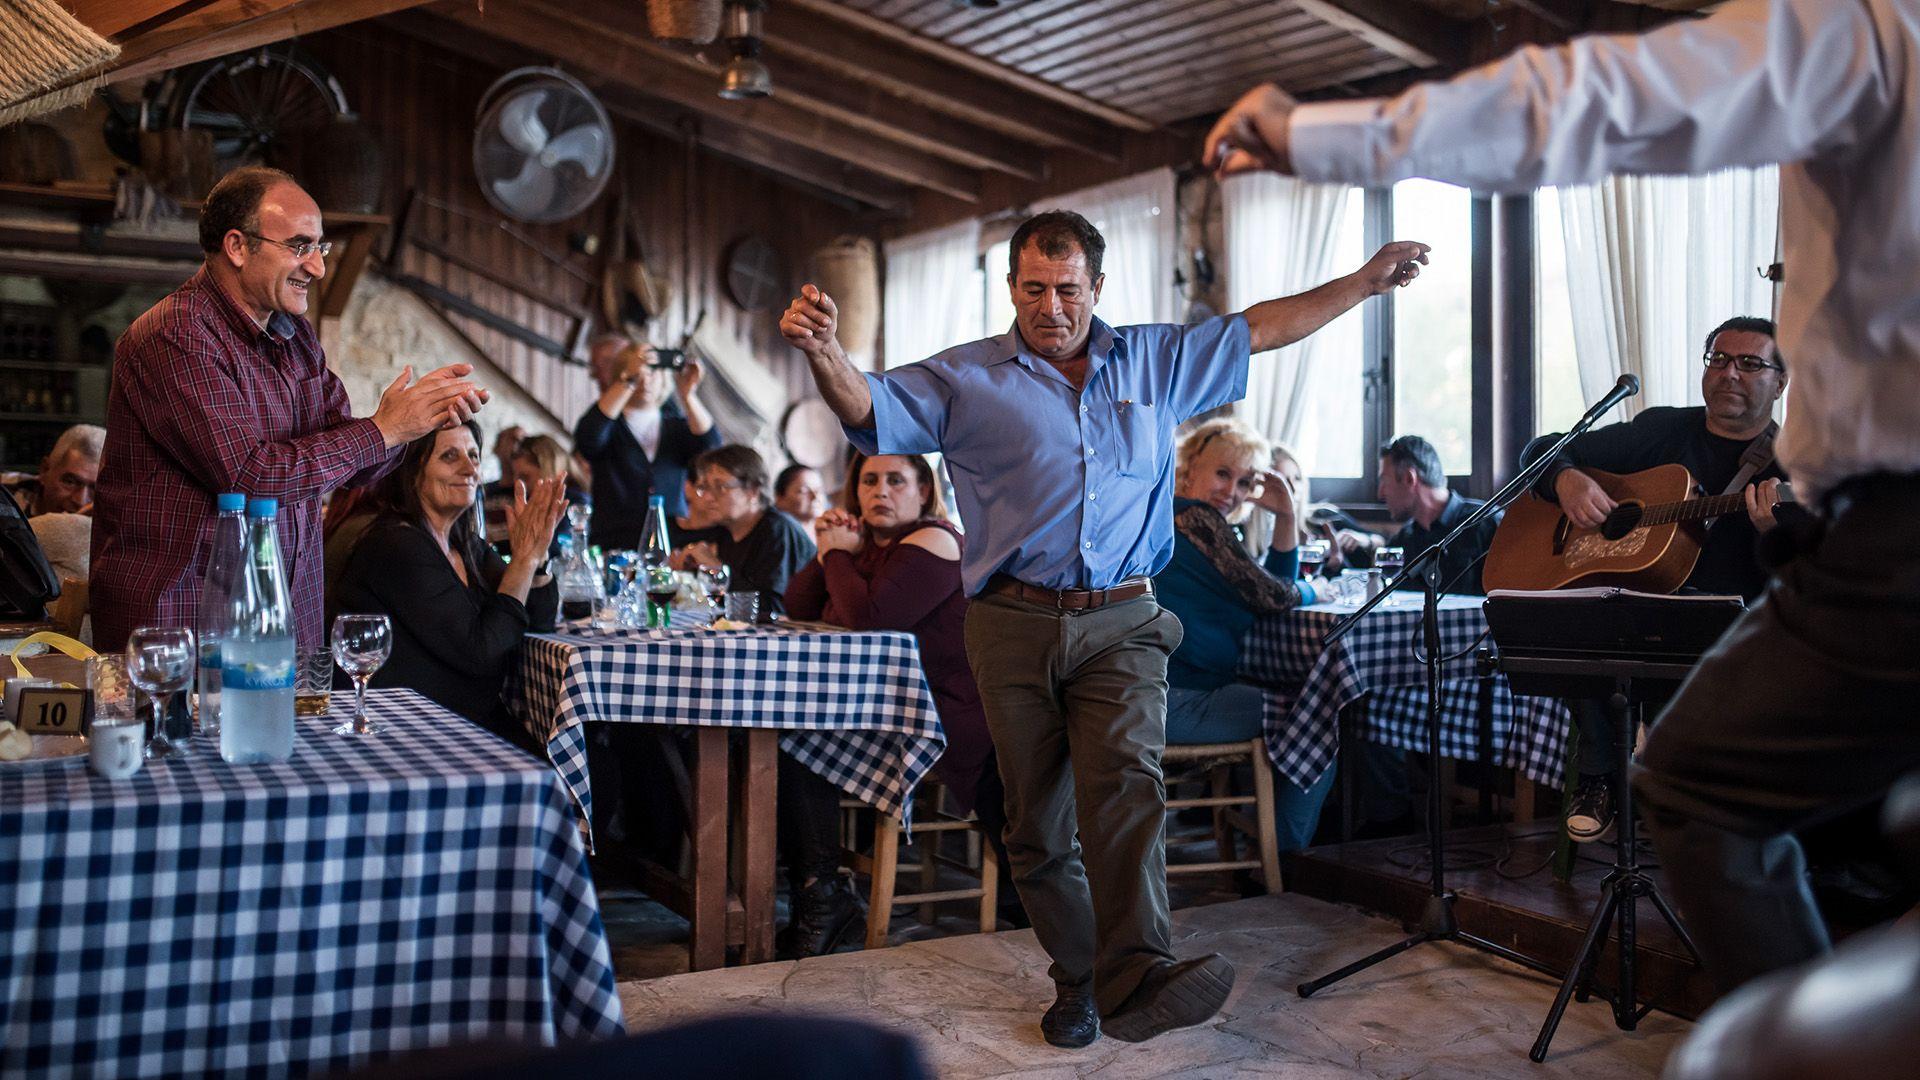 Taverna Cipruson